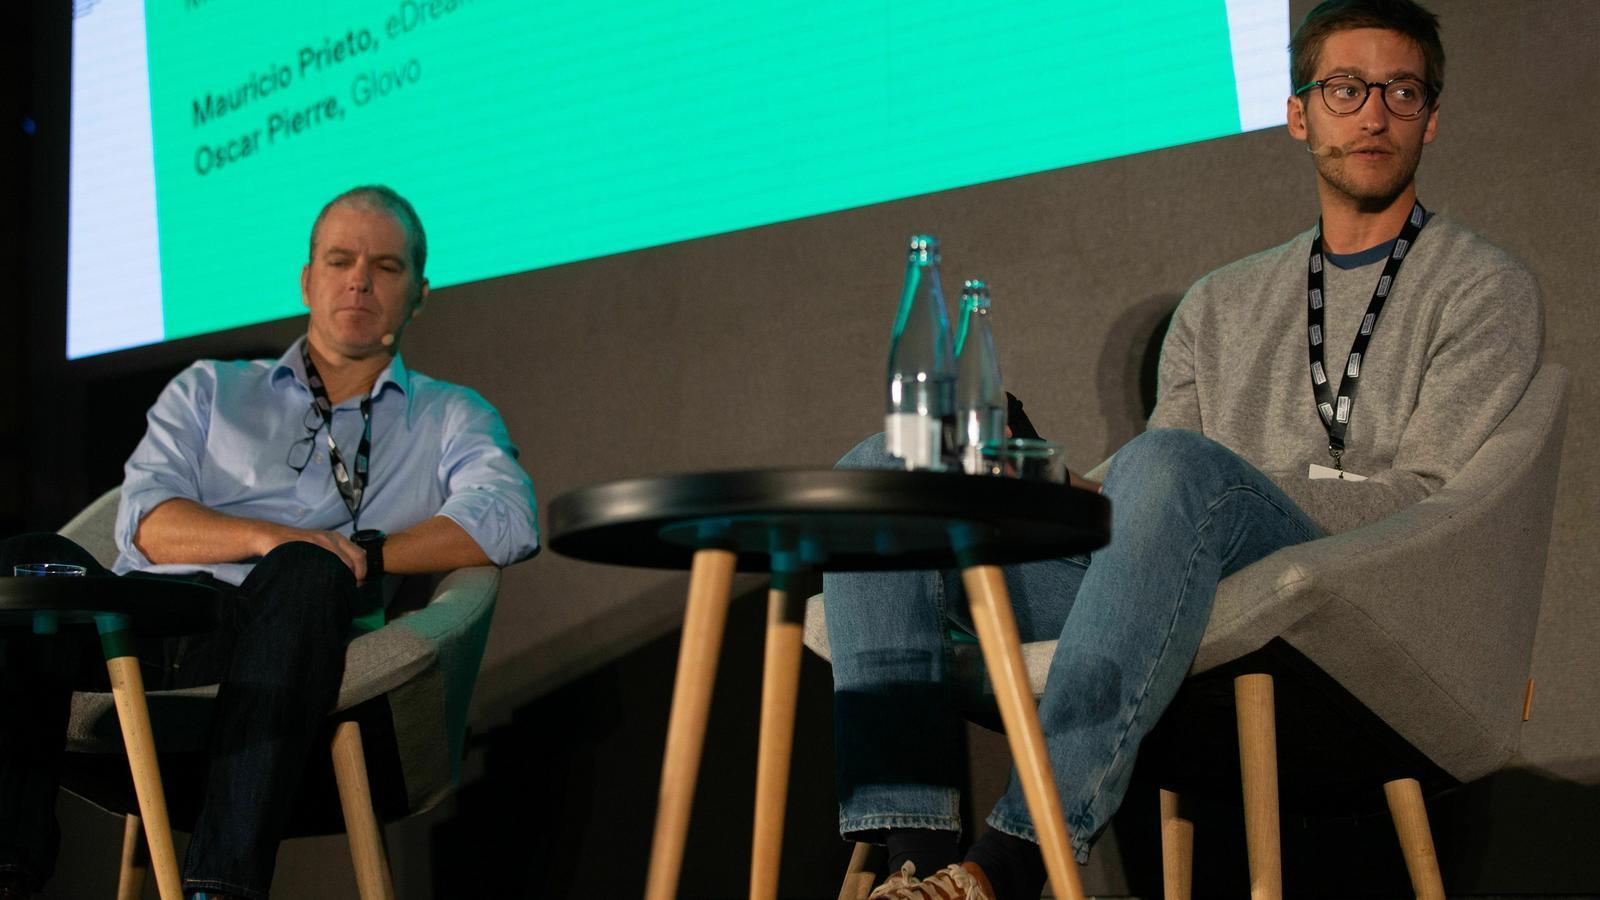 Mauricio Prieto i Oscar Pierre a l'escenari del Tech Spirit Barcelona